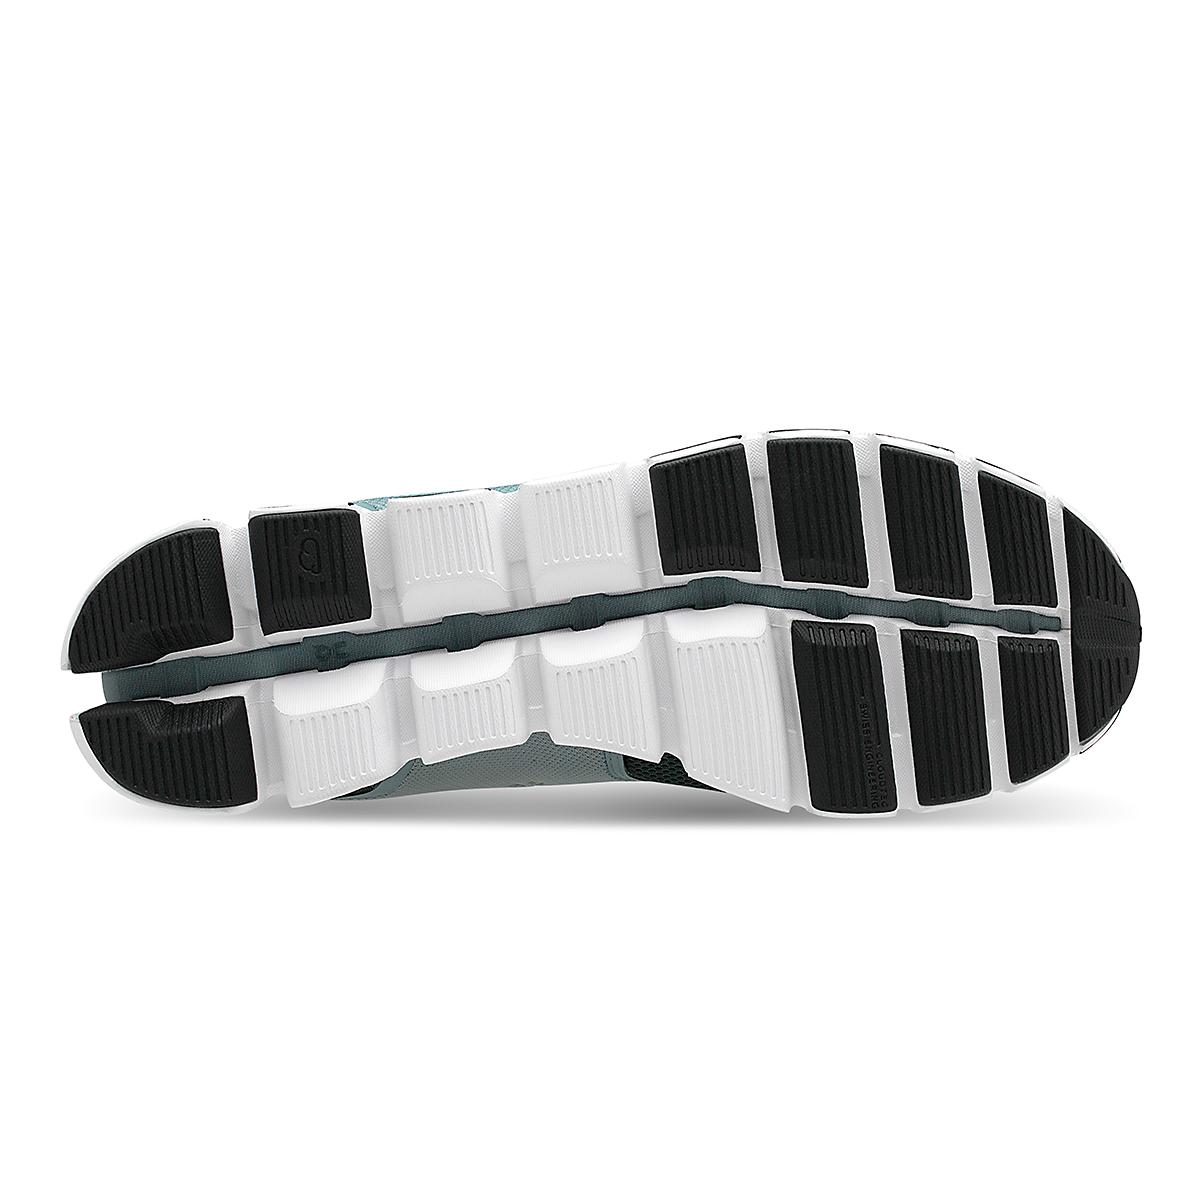 Men's On Cloud 70/30 Lifestyle Shoe - Color: Cobble/Jungle - Size: 7 - Width: Regular, Cobble/Jungle, large, image 2